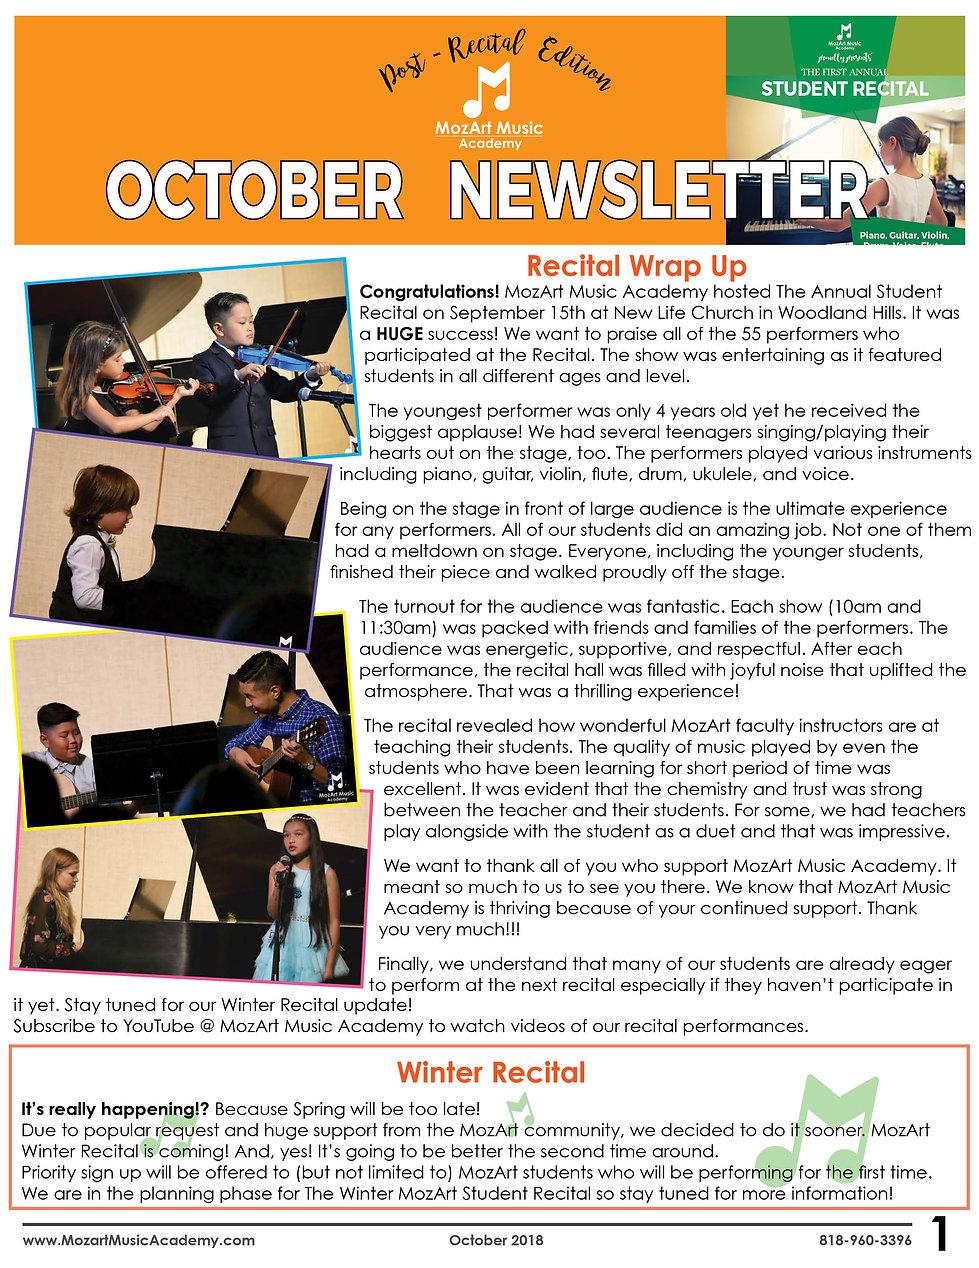 Oct Newsletter 2018.jpg